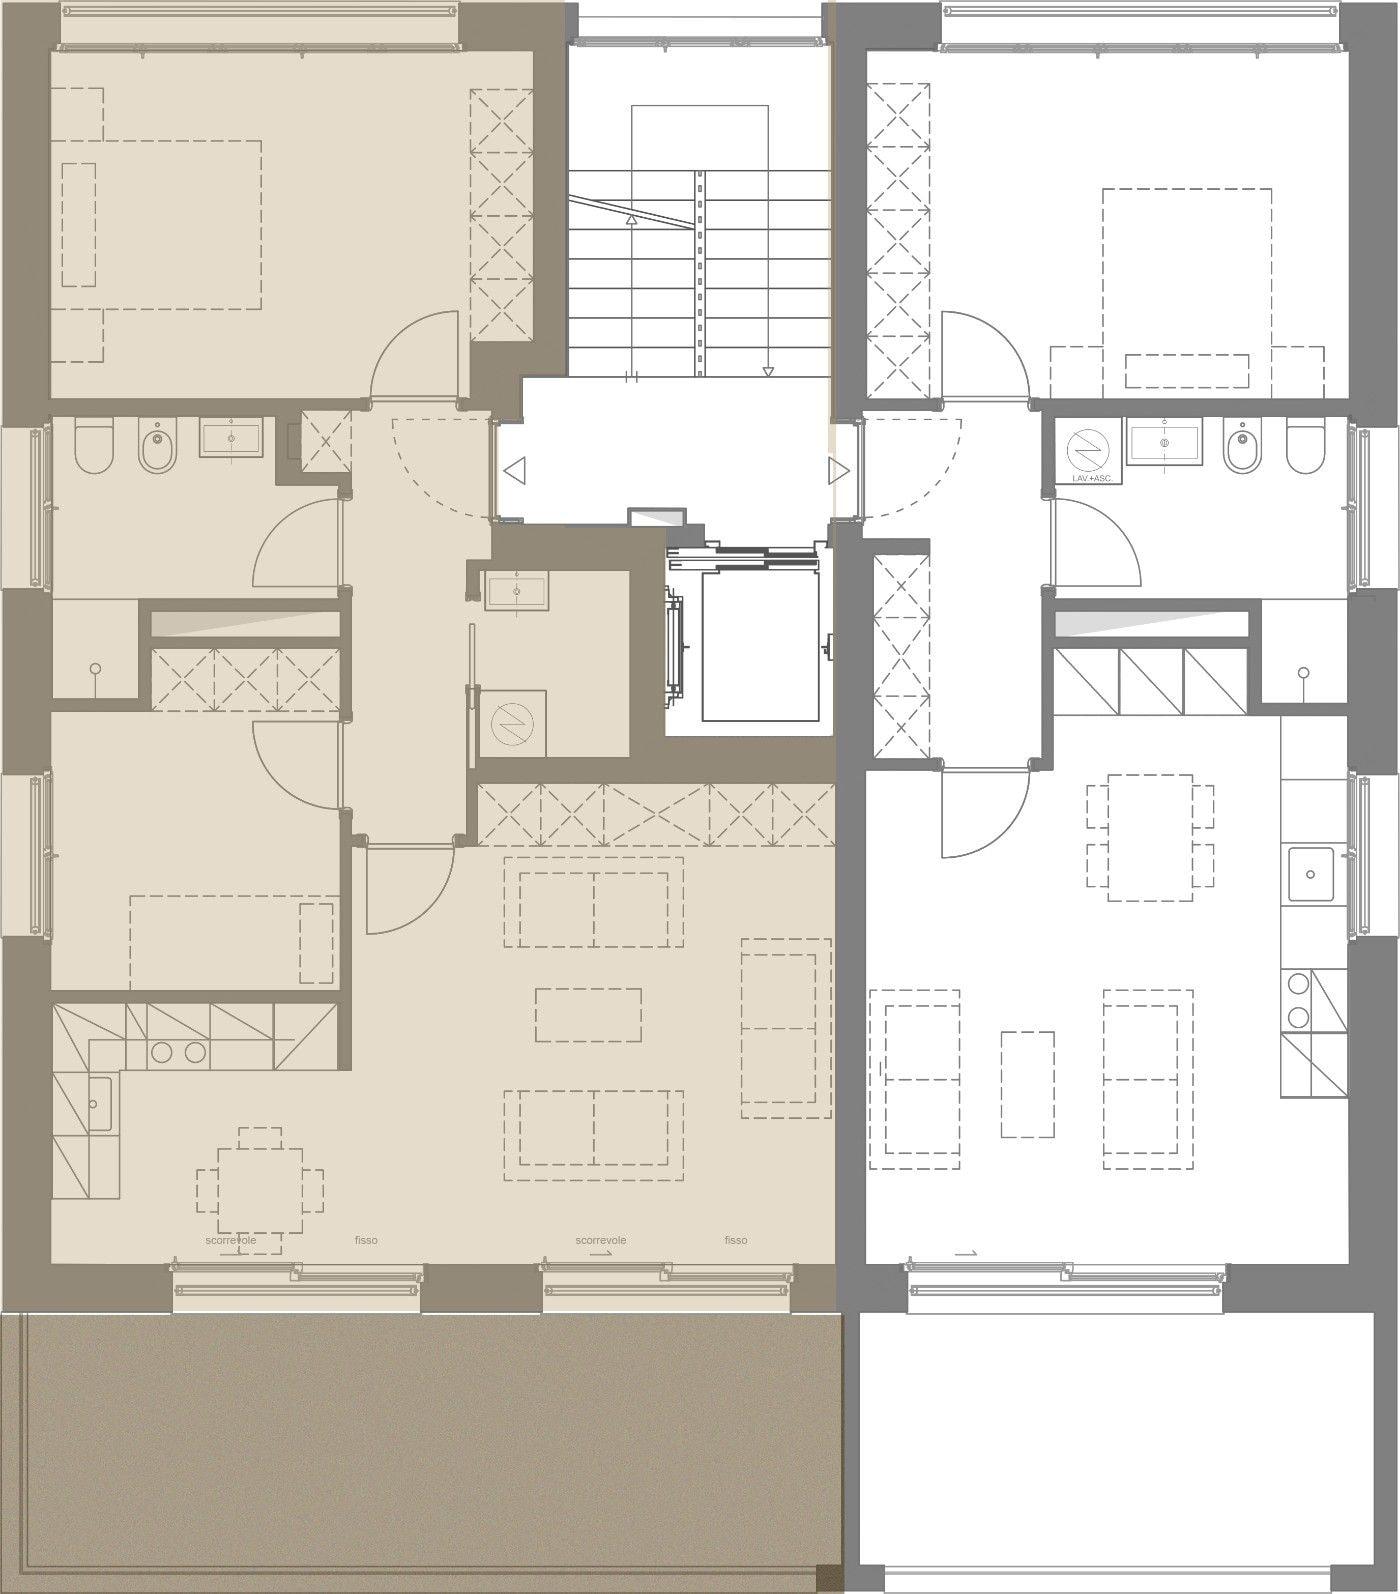 residenze4torri-piantina-Tip D.jpg